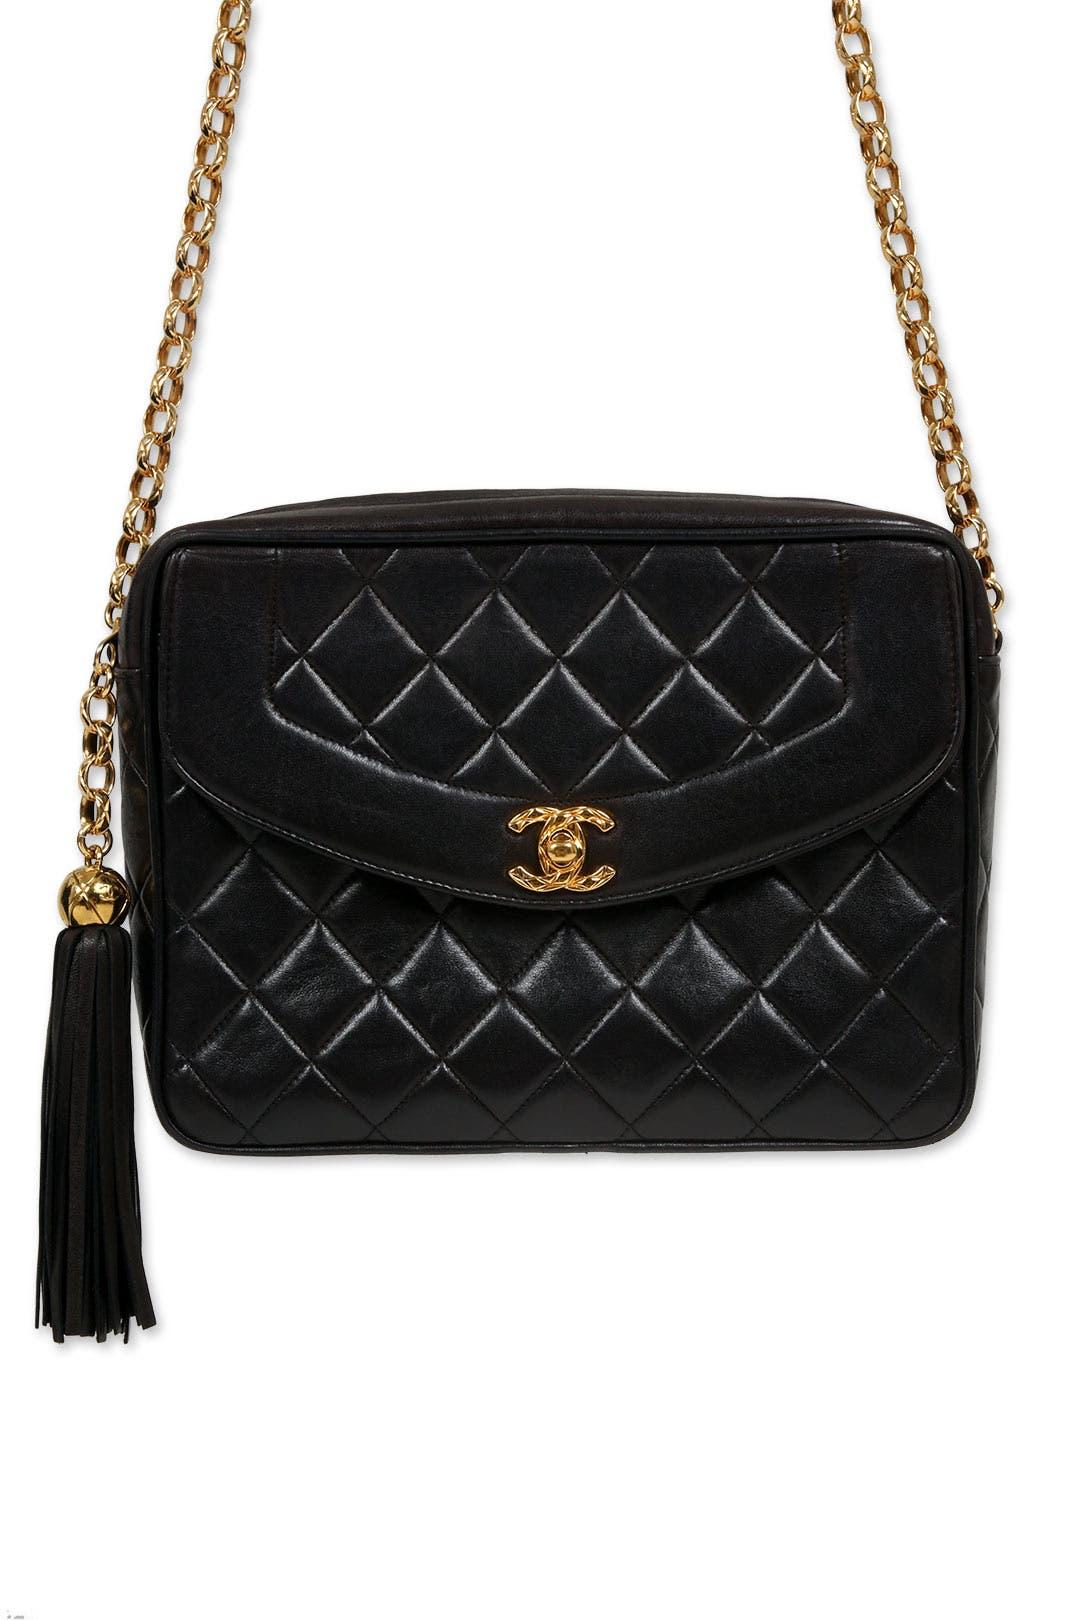 Vintage Chanel Black Tassel Bag by WGACA Vintage